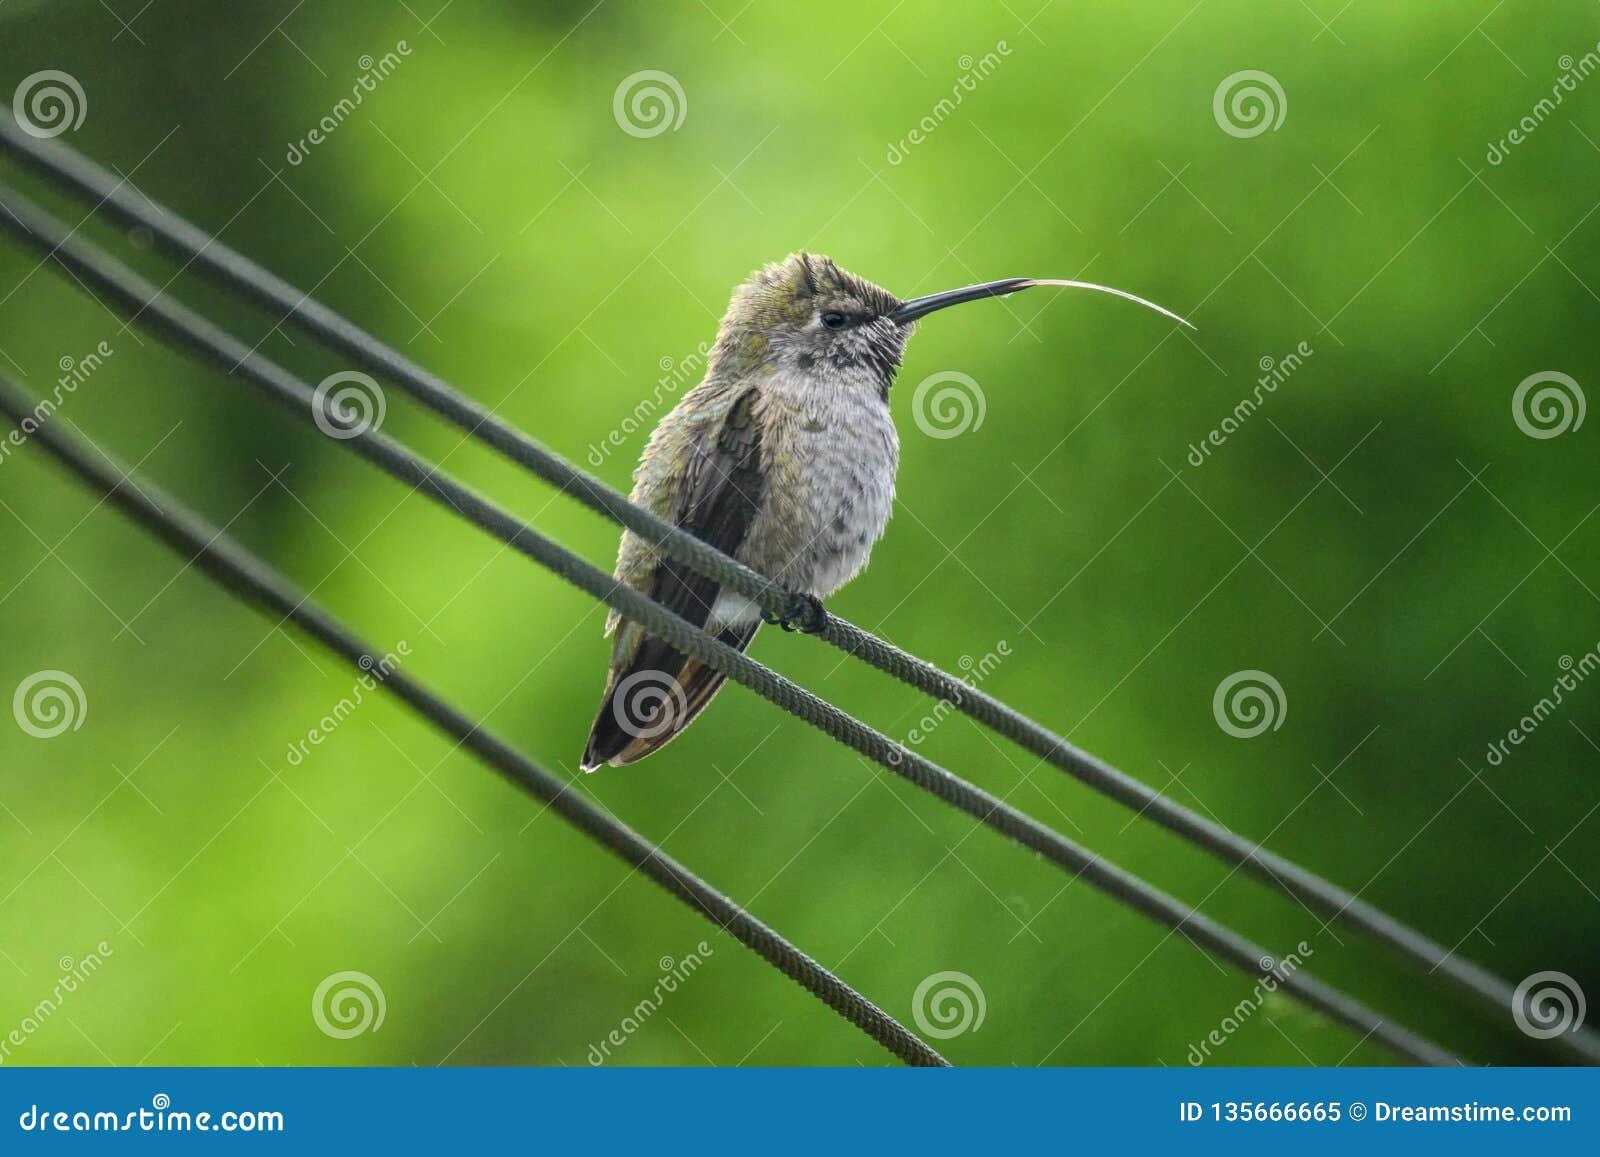 Een kolibrie plakt uit zijn tong